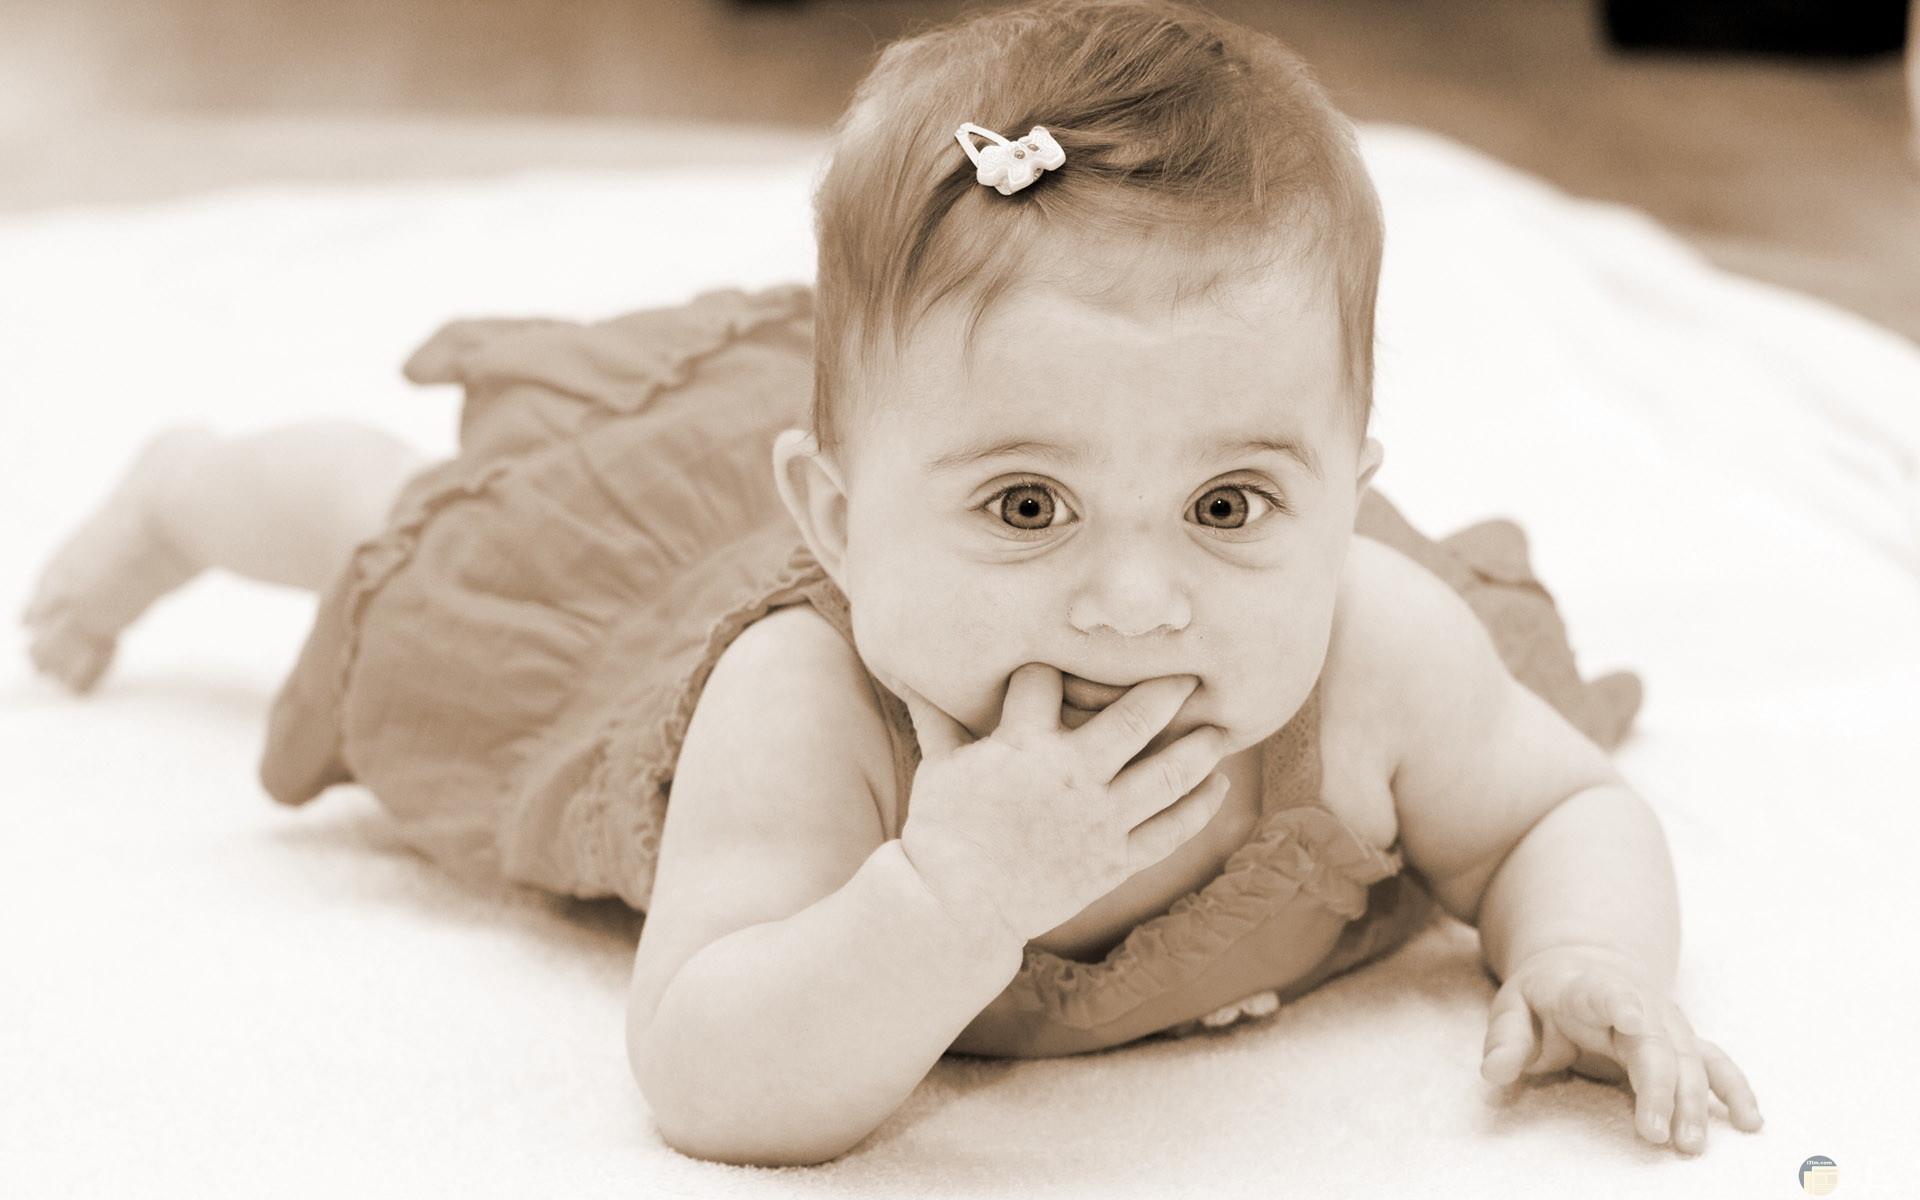 بنت صغيرة تضع فيونكة و أصابعها بفمها.